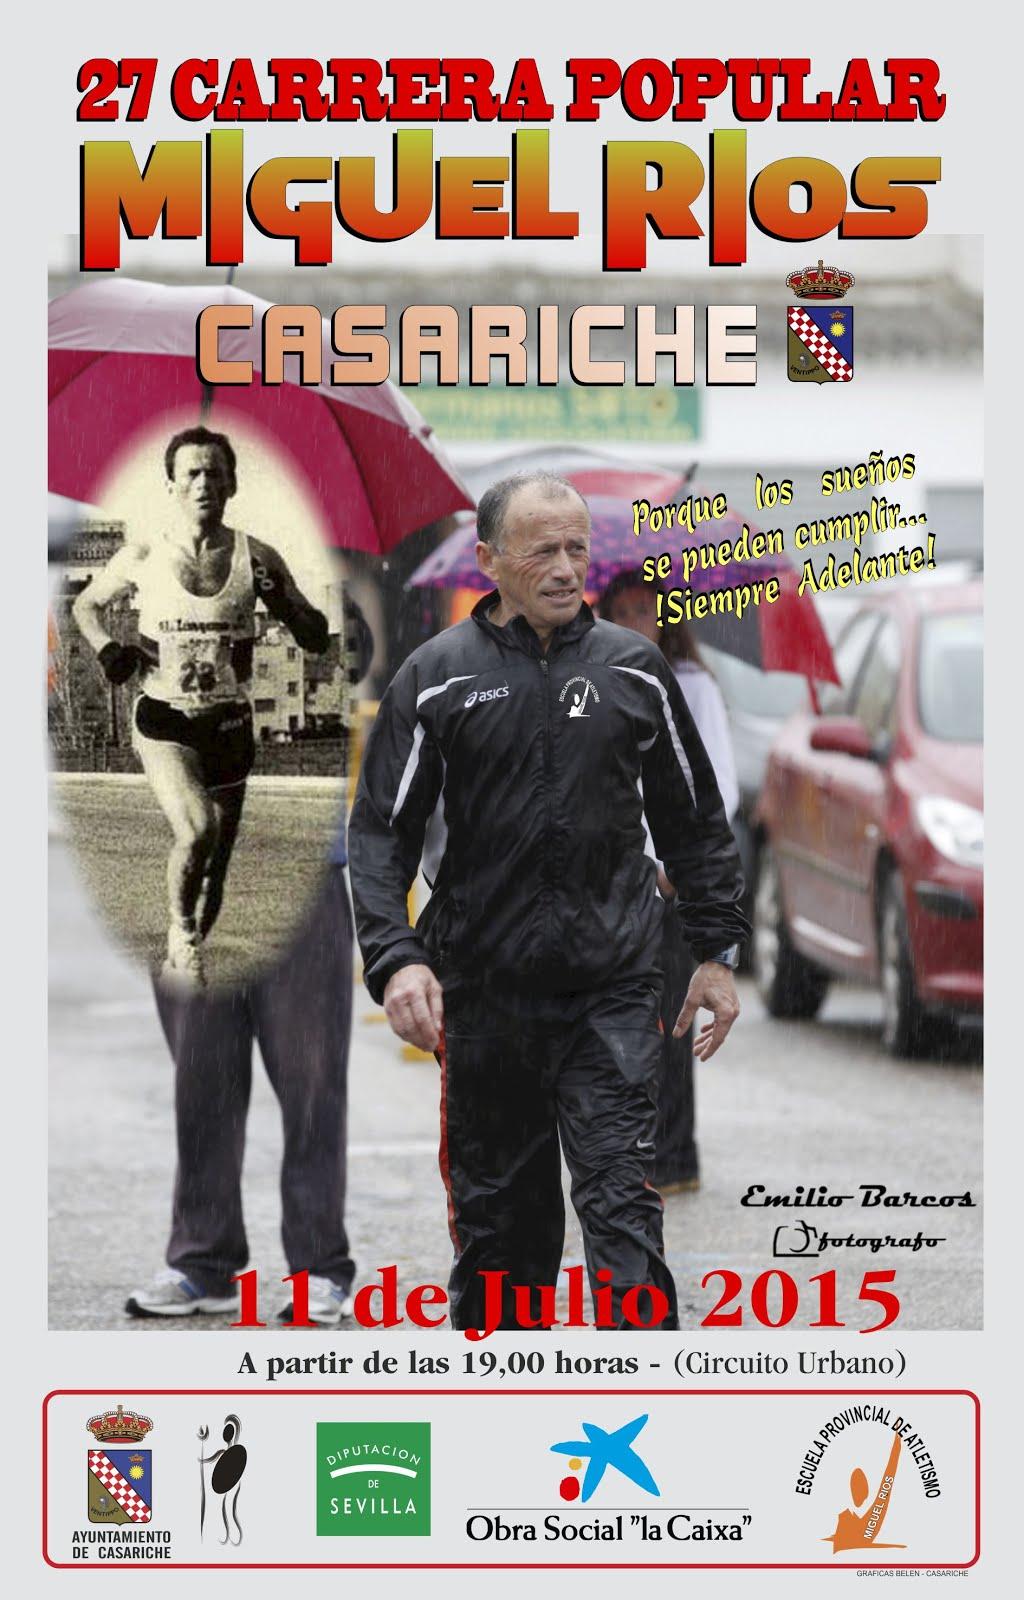 27 Carrera Popular Miguel Ríos (Casariche)